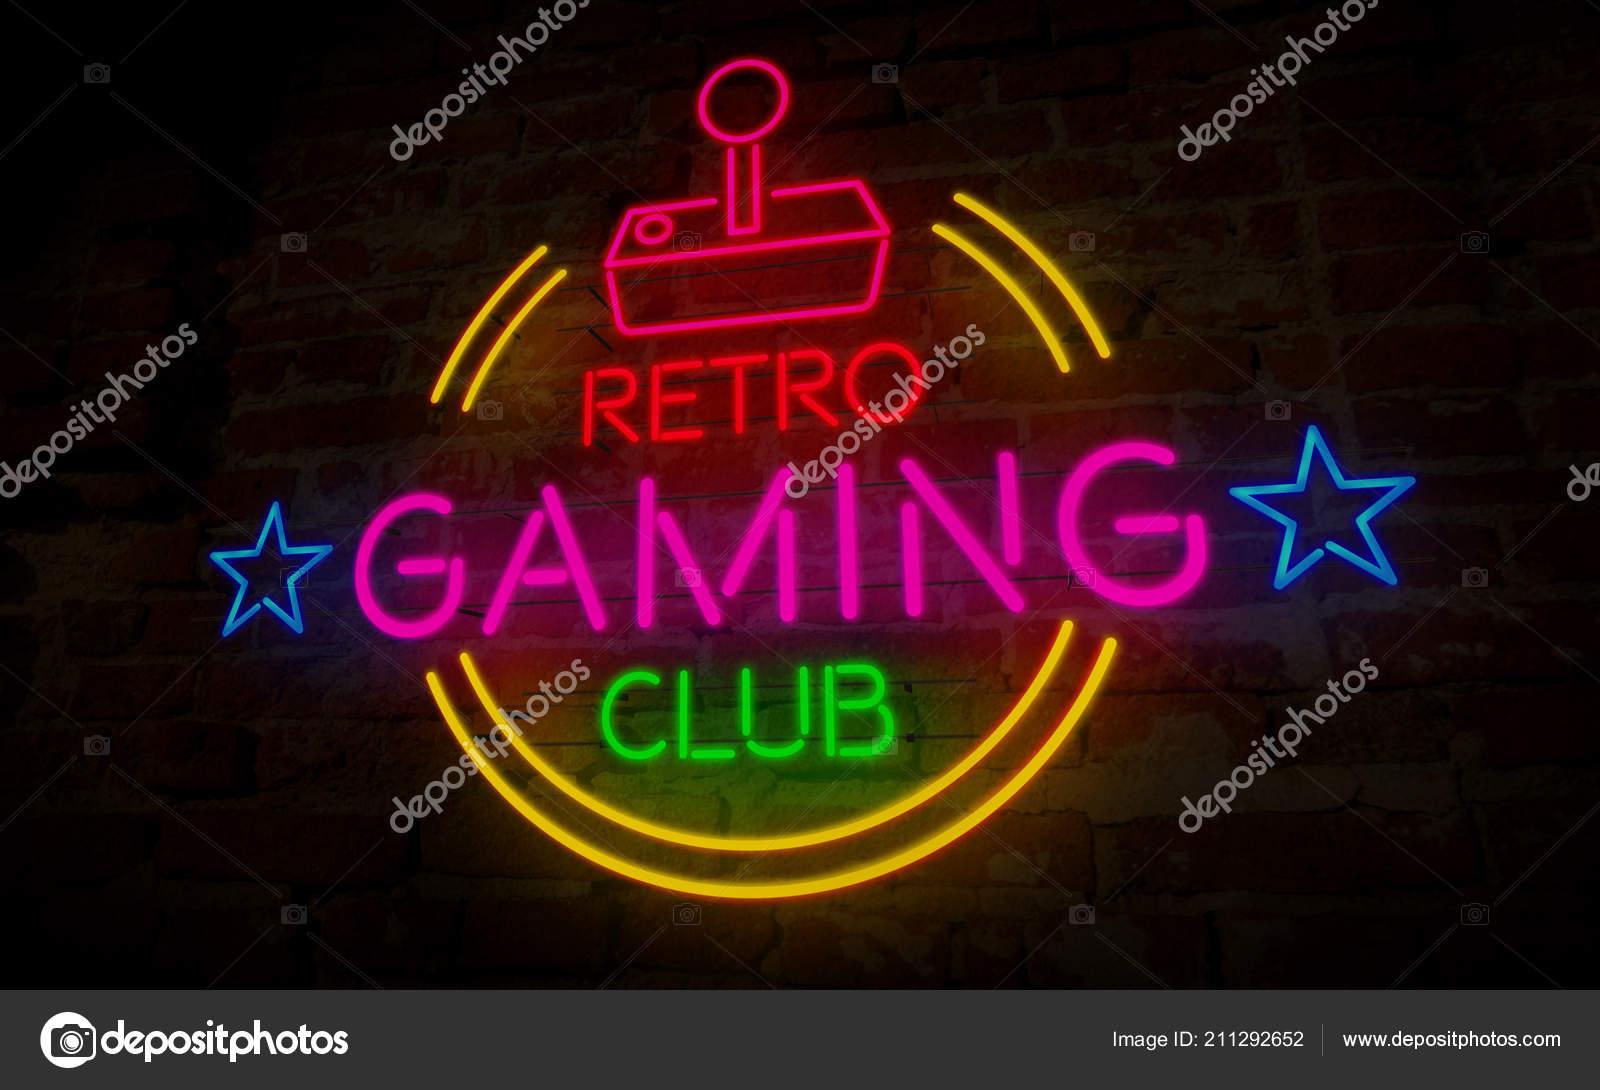 Top Gaming Retro Club Neon Illustration Symbol Und Schriftzug Auf Der AV07